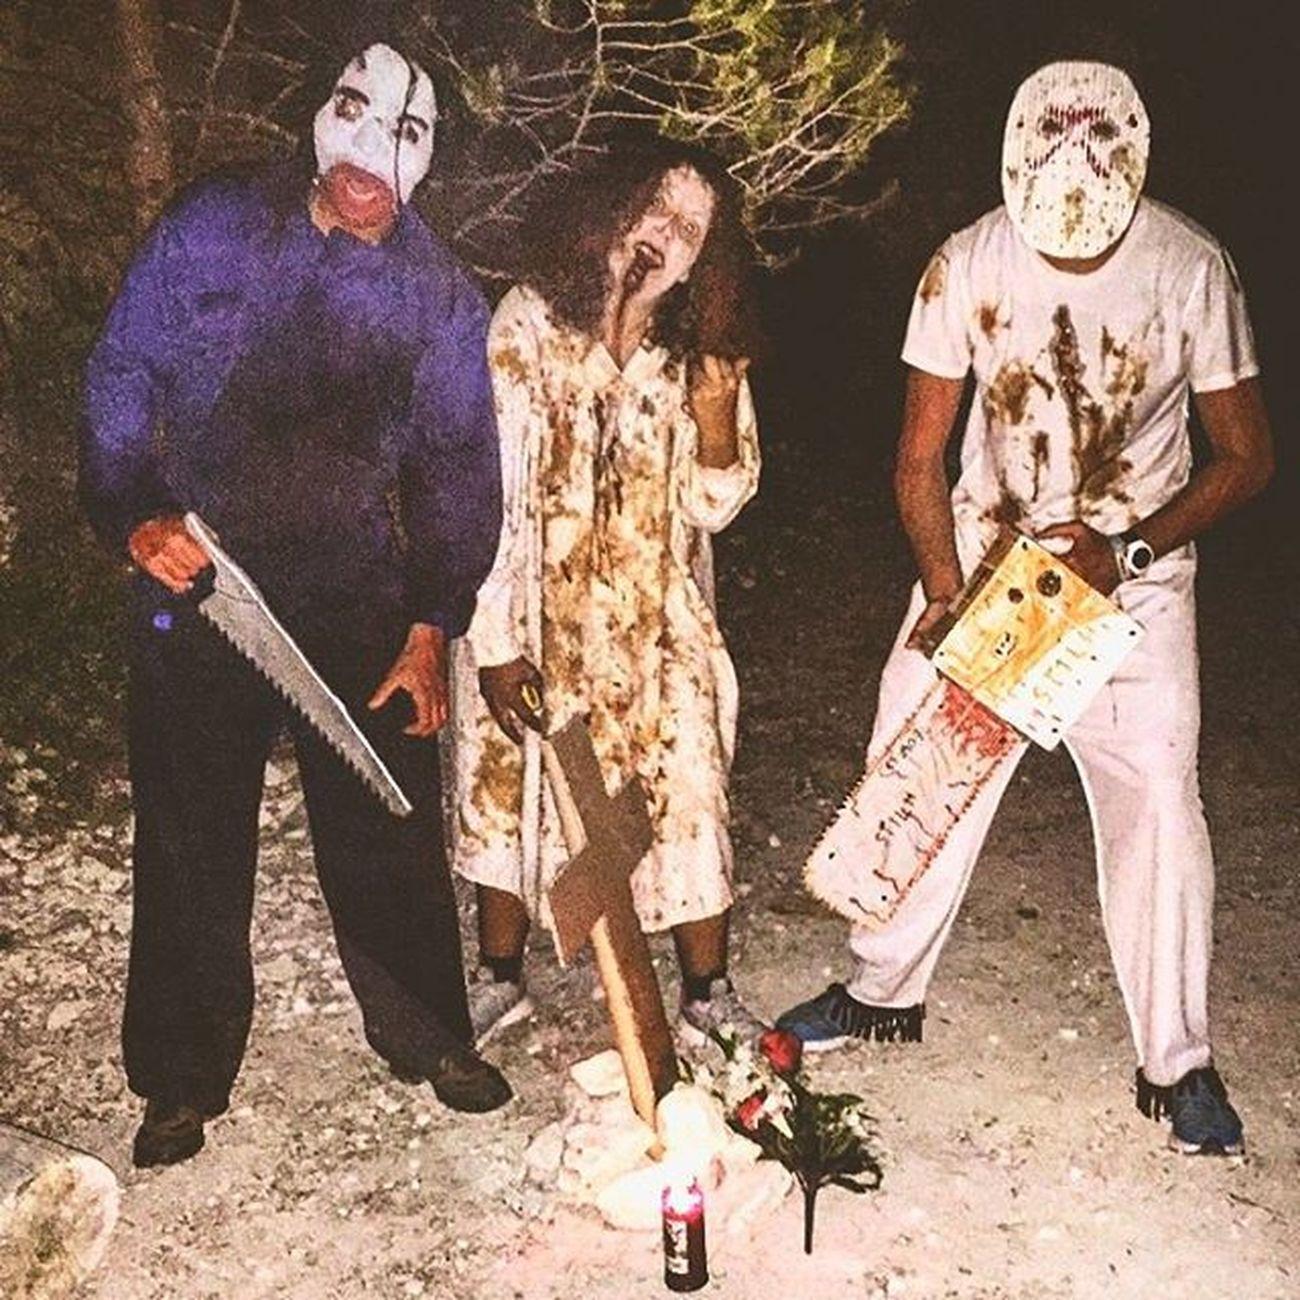 Noche Del Terror En Fontes Miedo Risas Cute LOL Nice Personajes Sustos Good Nocturno Montana SPAIN 🎈👻 Cementerio Jeason Exorcista Sombis